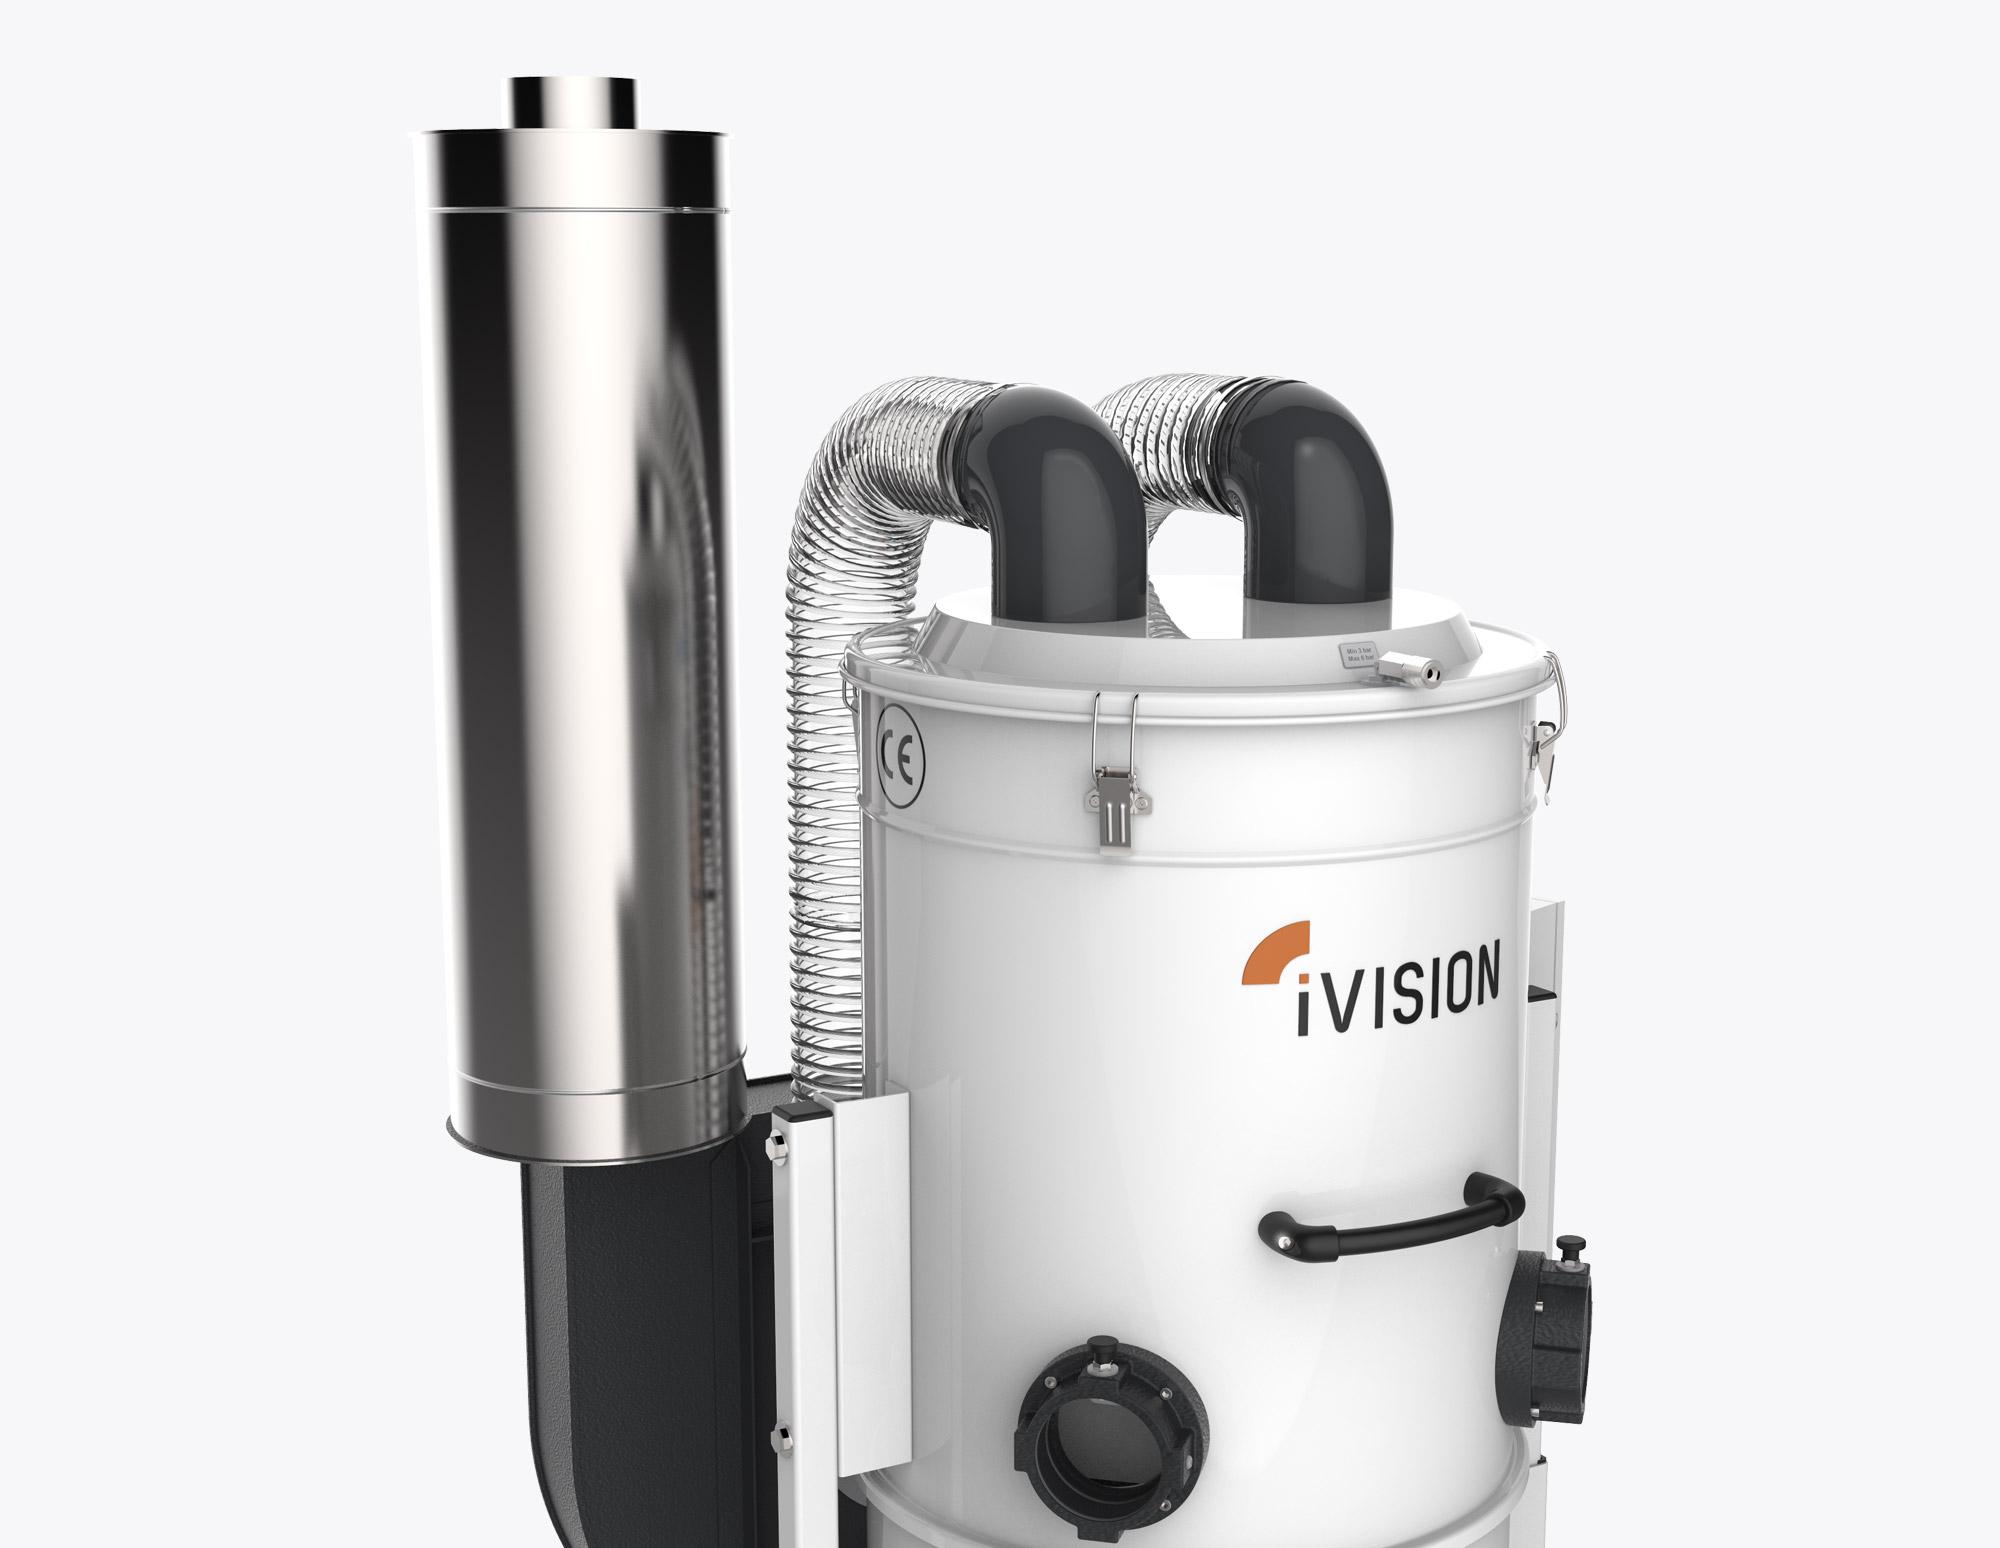 iv3-shoes-line-ventola-dietro-industrial-vacuum-cleaners-ivision-vacuum-p